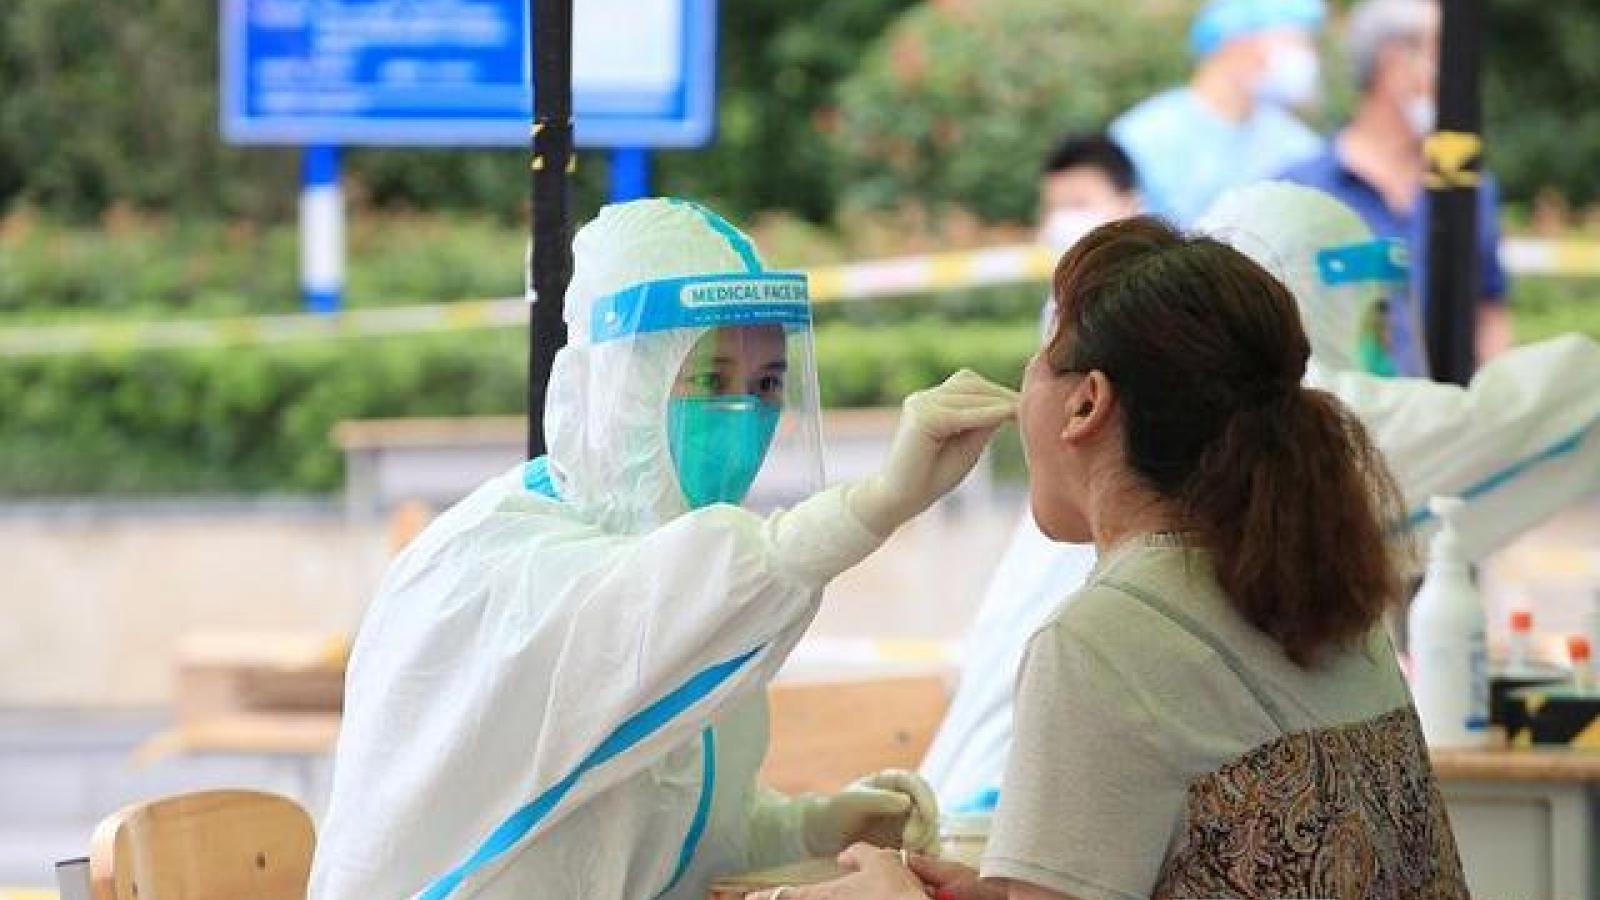 Trung Quốc bùng phát đợt dịch lây lan rộng nhất sau Vũ Hán